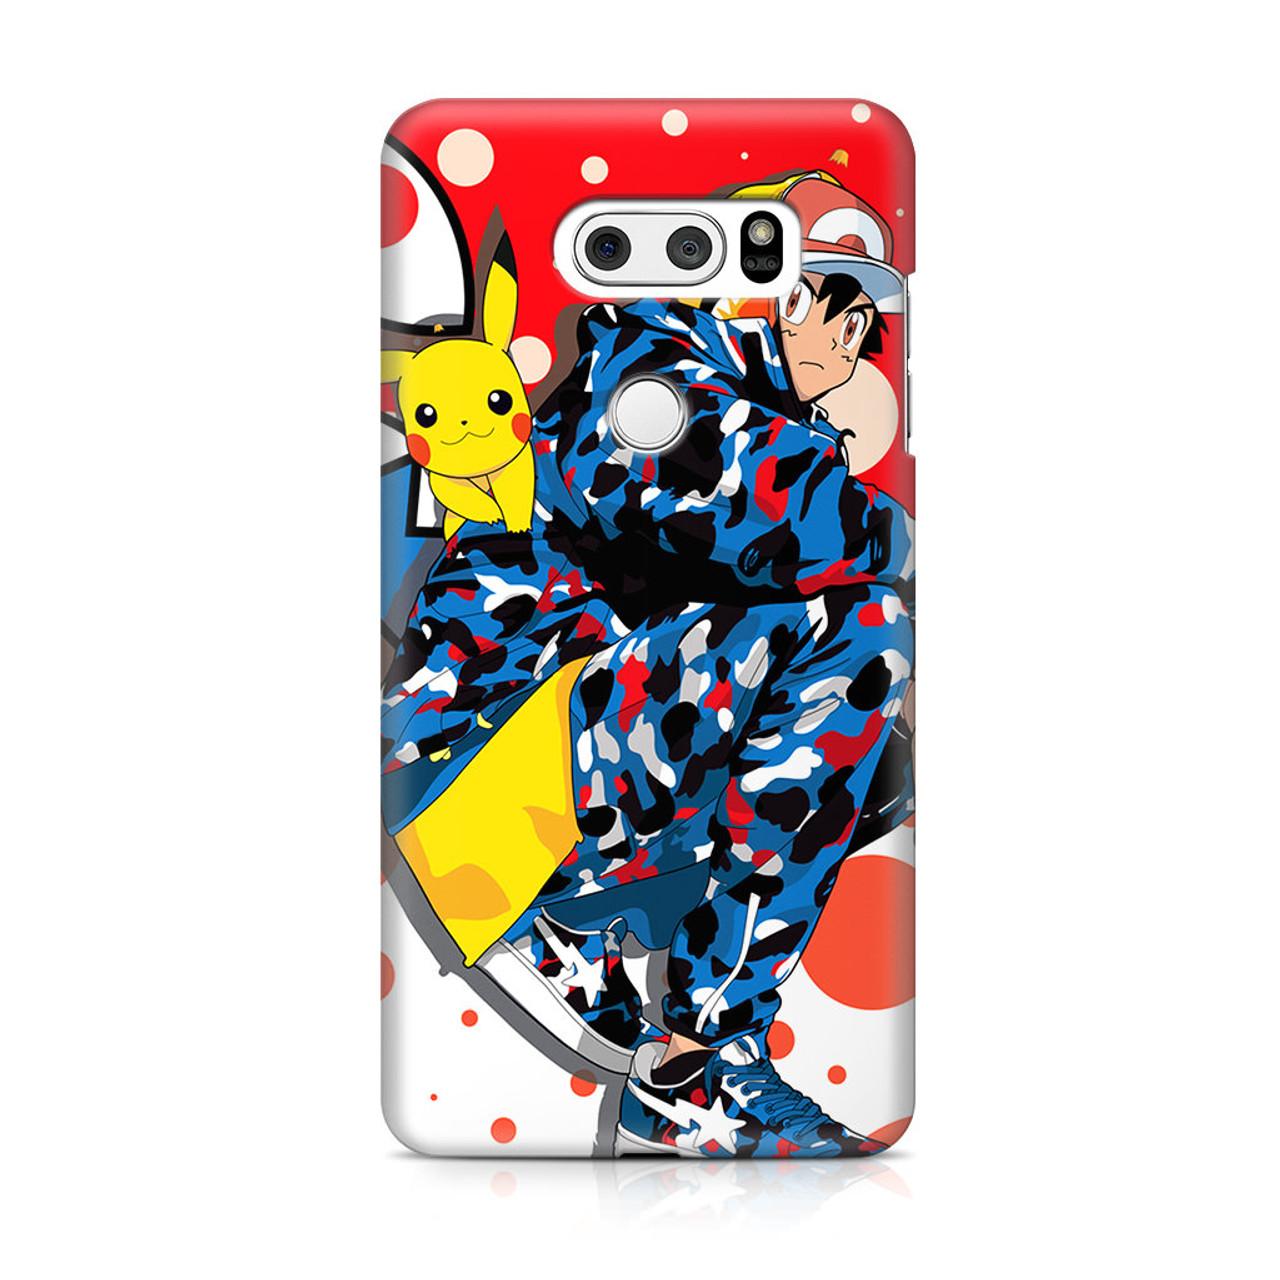 new concept 33515 5e145 Bape Supreme Pikachu LG V30 Case